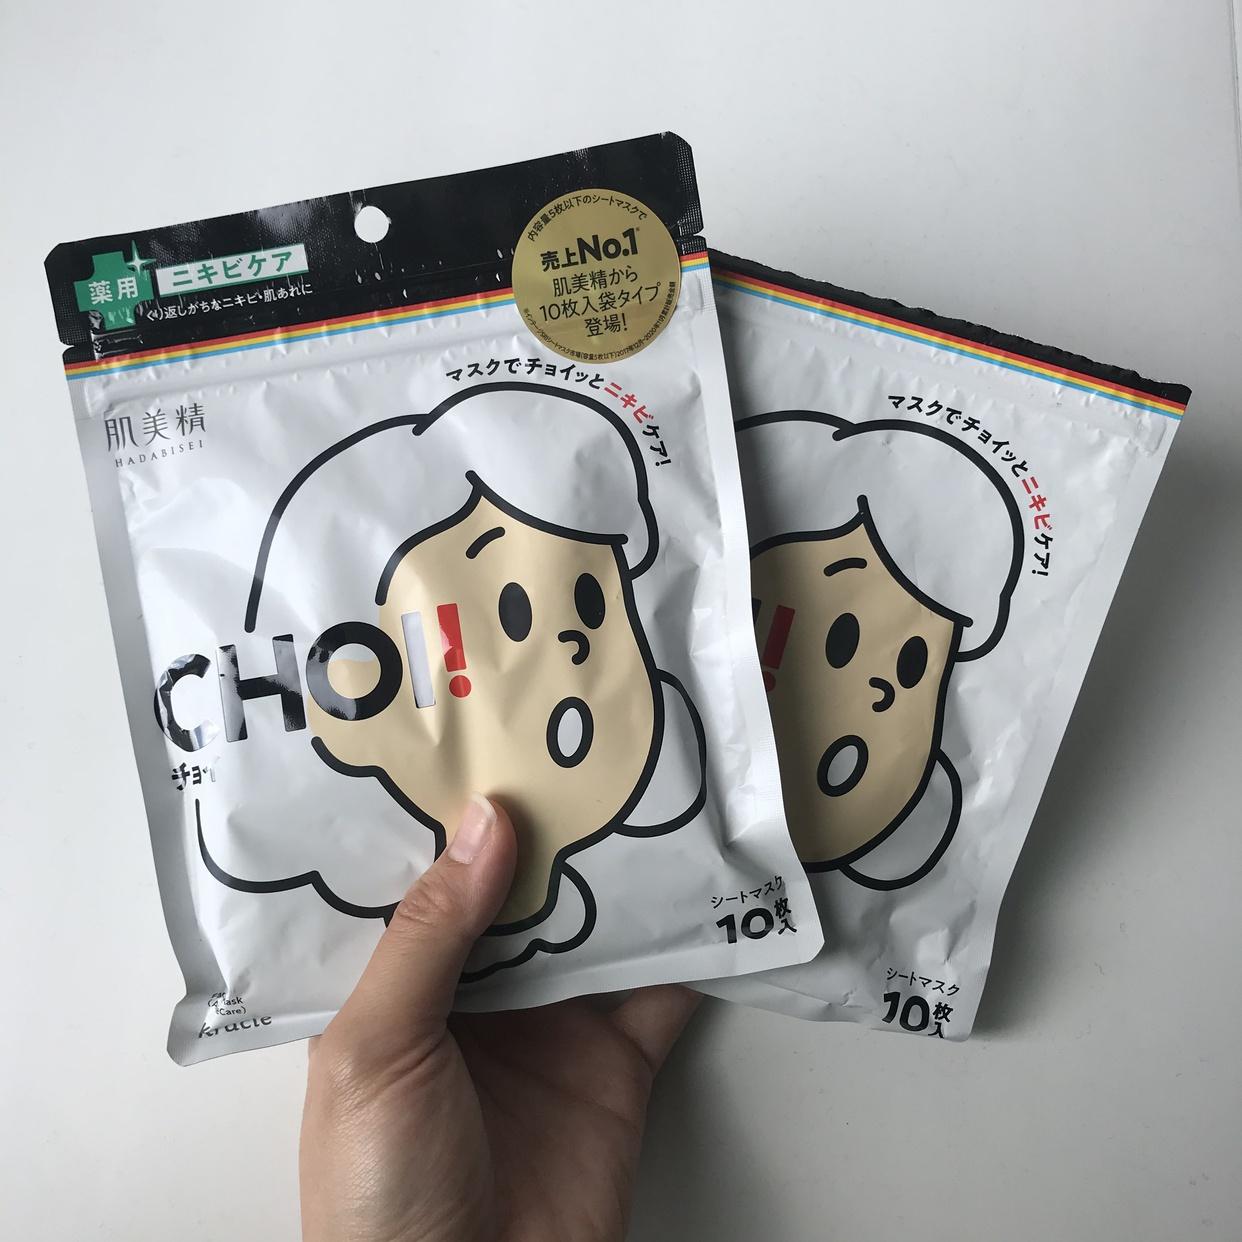 肌美精(HADABISEI) CHOIマスク 薬用ニキビケアを使ったじょんまなさんのクチコミ画像1